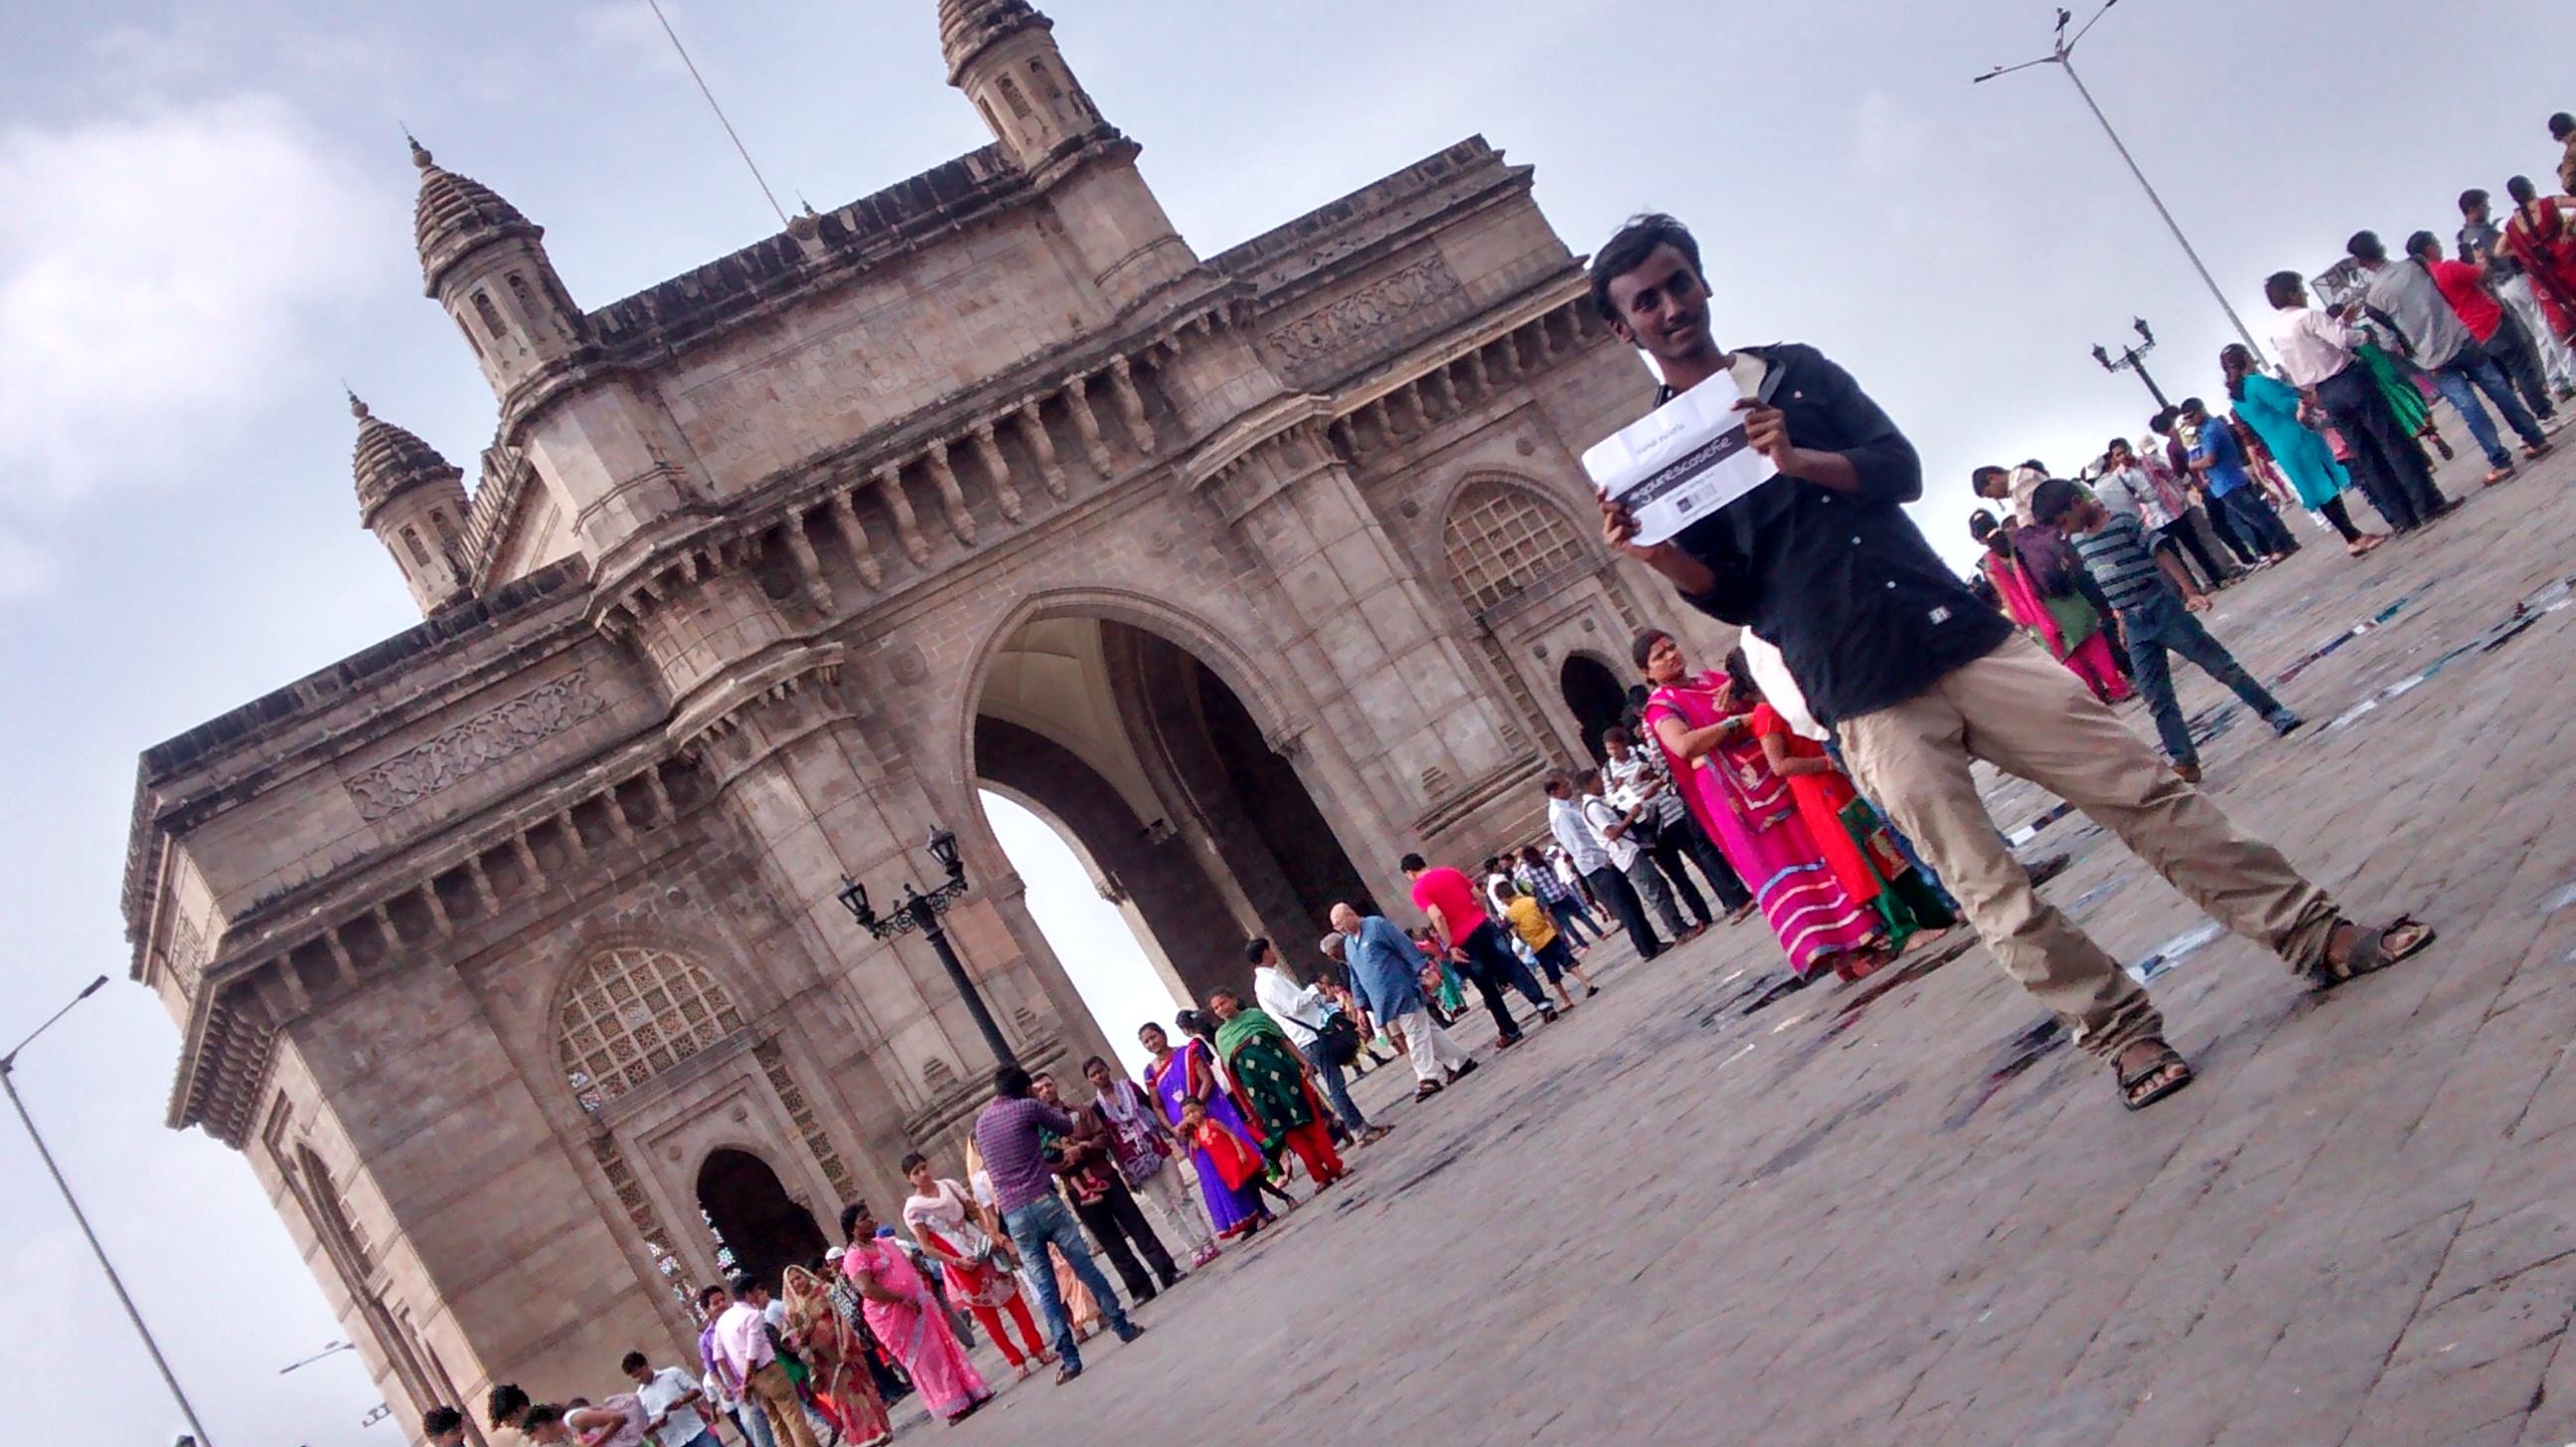 GateWay of india #gounescoselfie#gatewayofIndia